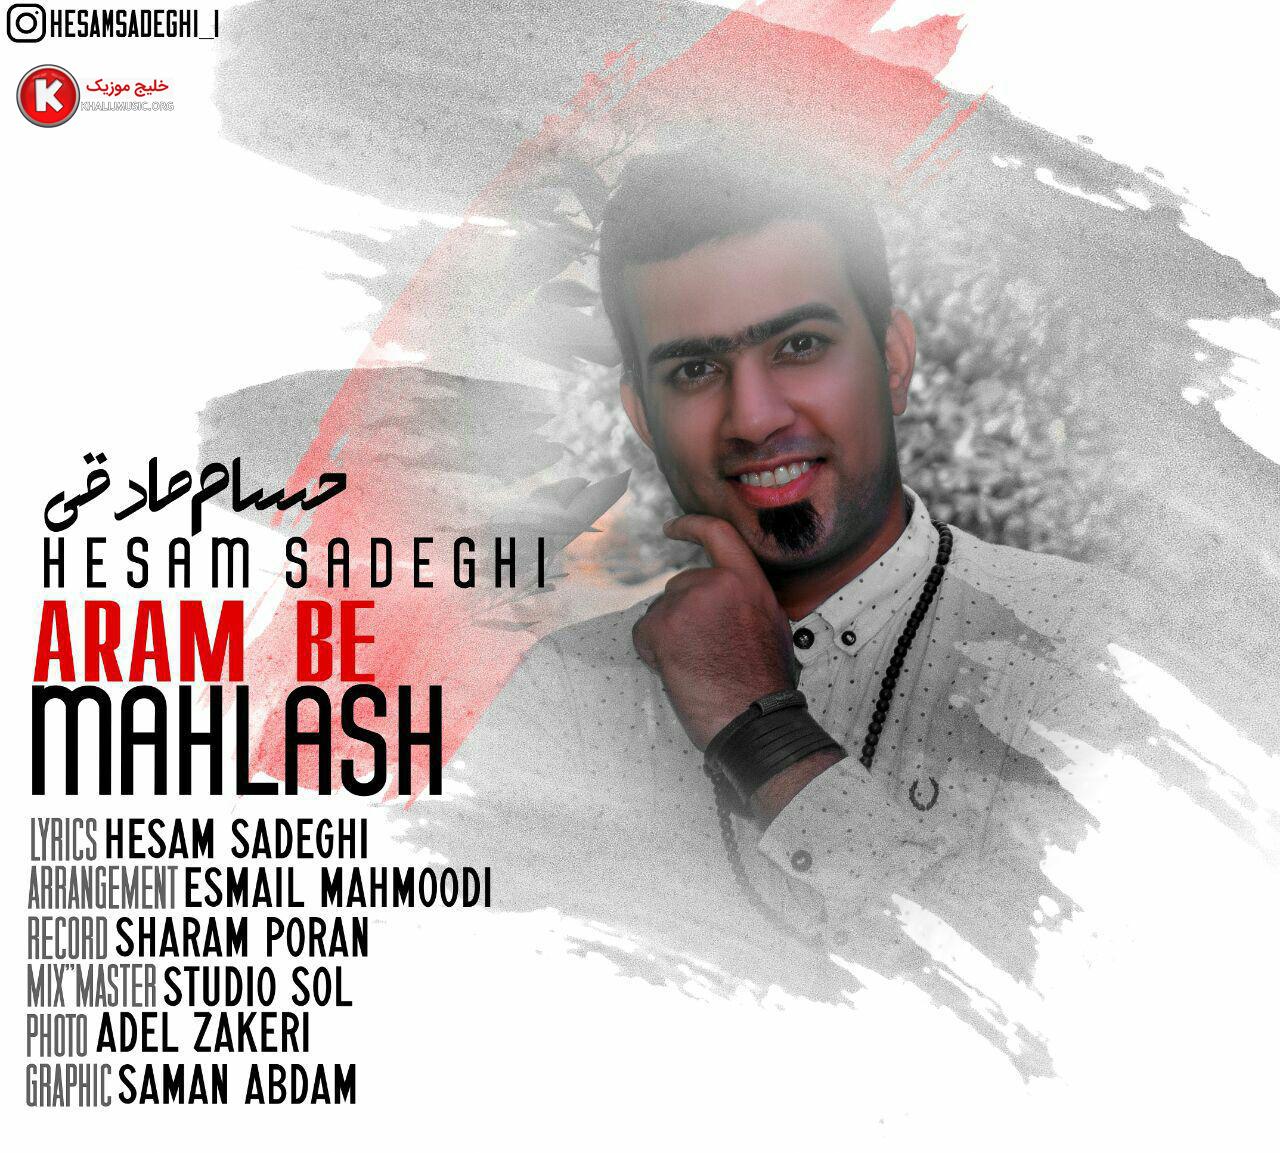 حسام صادقی آهنگ جدید و بسیار زیبا و شنیدنی بنام ارم به محلش